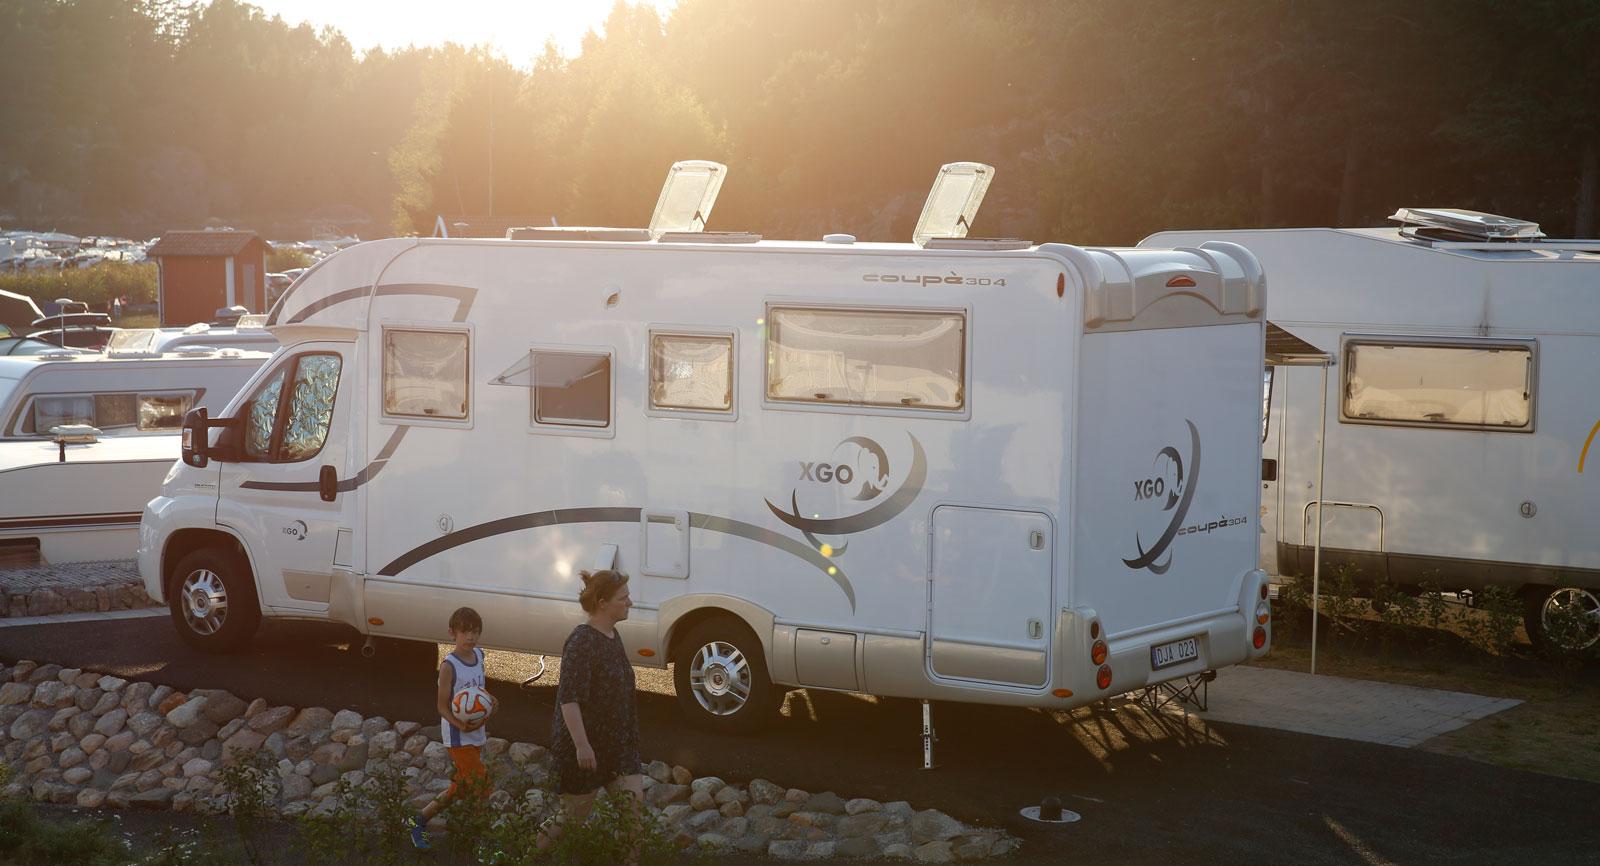 Nybyggda husbilsplatser med både vatten och avlopp framdraget till platserna och med ens blir campinglivet ännu enklare.